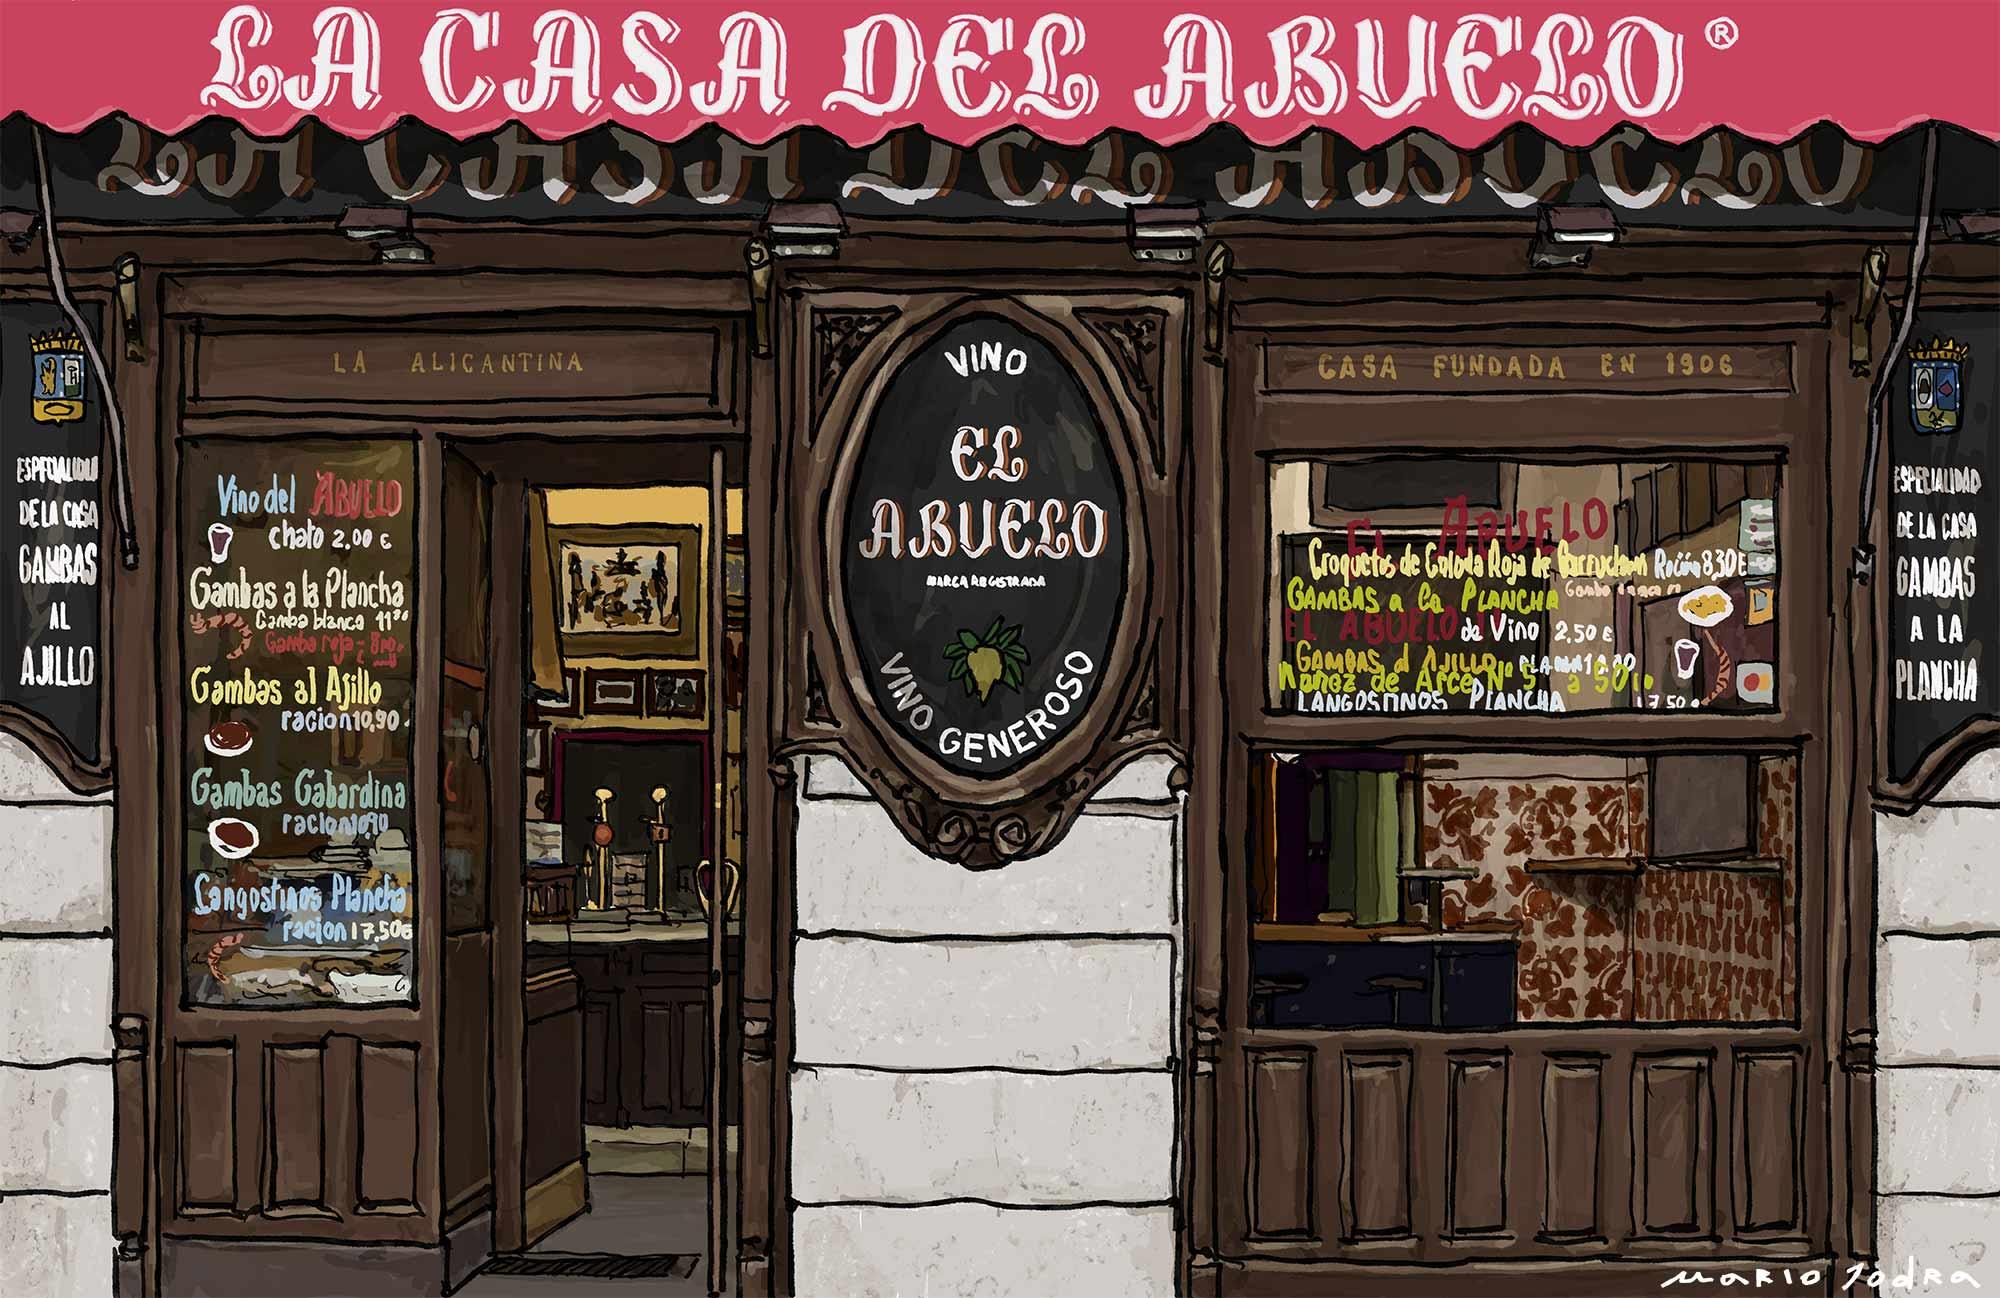 Mario Jodra illustration Art - La Casa Del Abuelo. Madrid tavern. Since 1906.